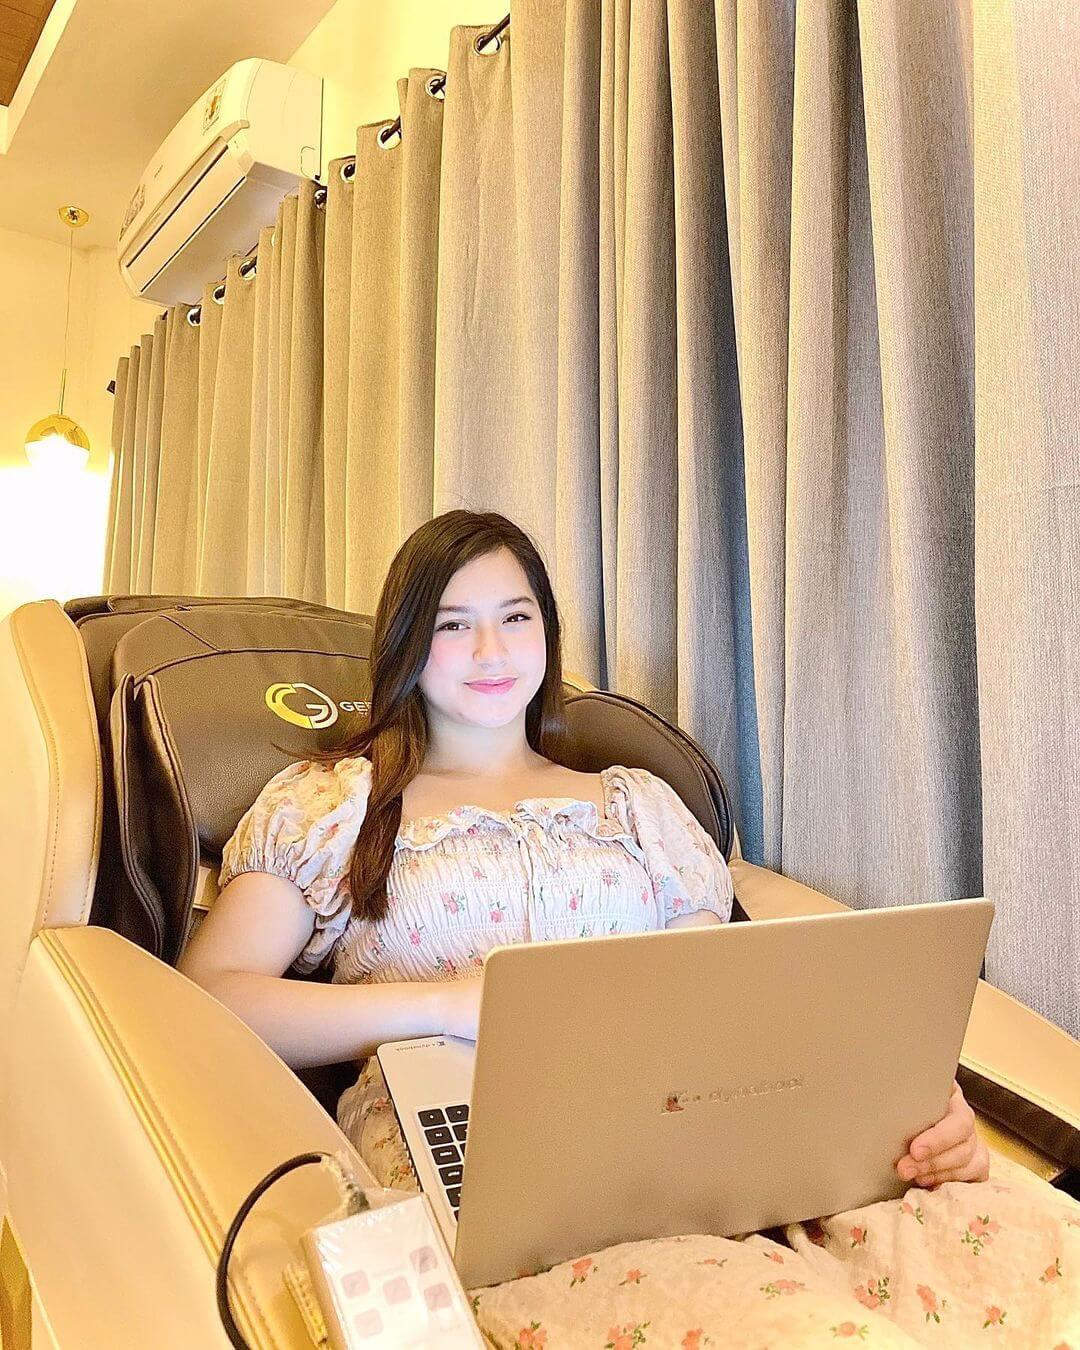 Jillian Ward With Her Laptop